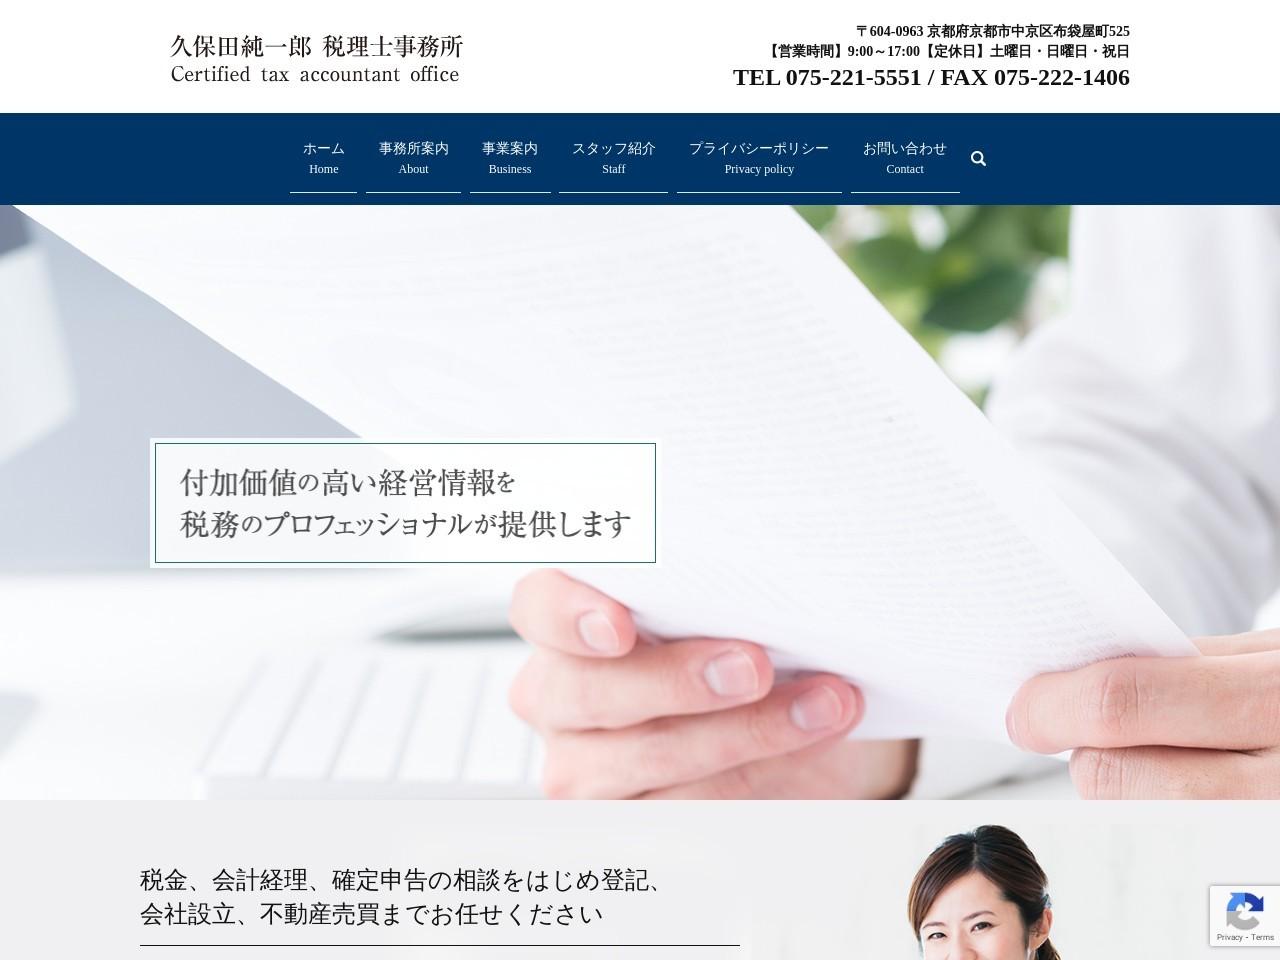 久保田純一郎税理士事務所